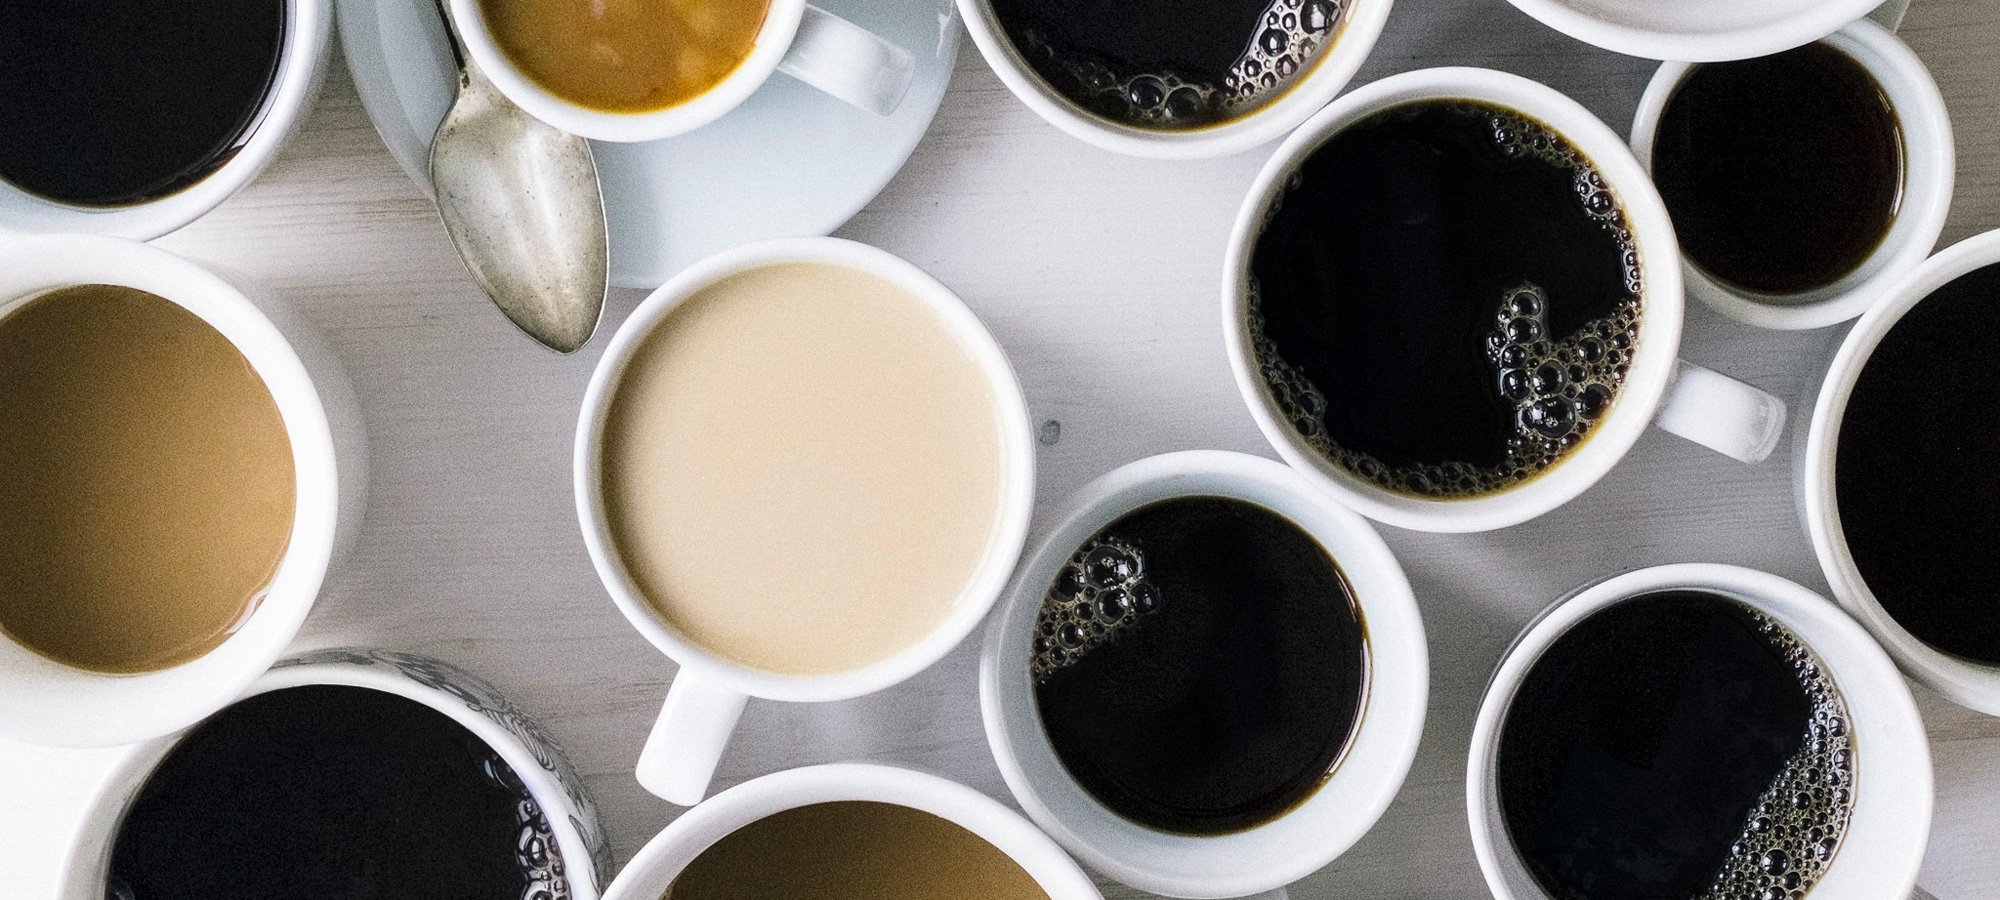 Mitä muuta kahvissa on kuin kofeiinia